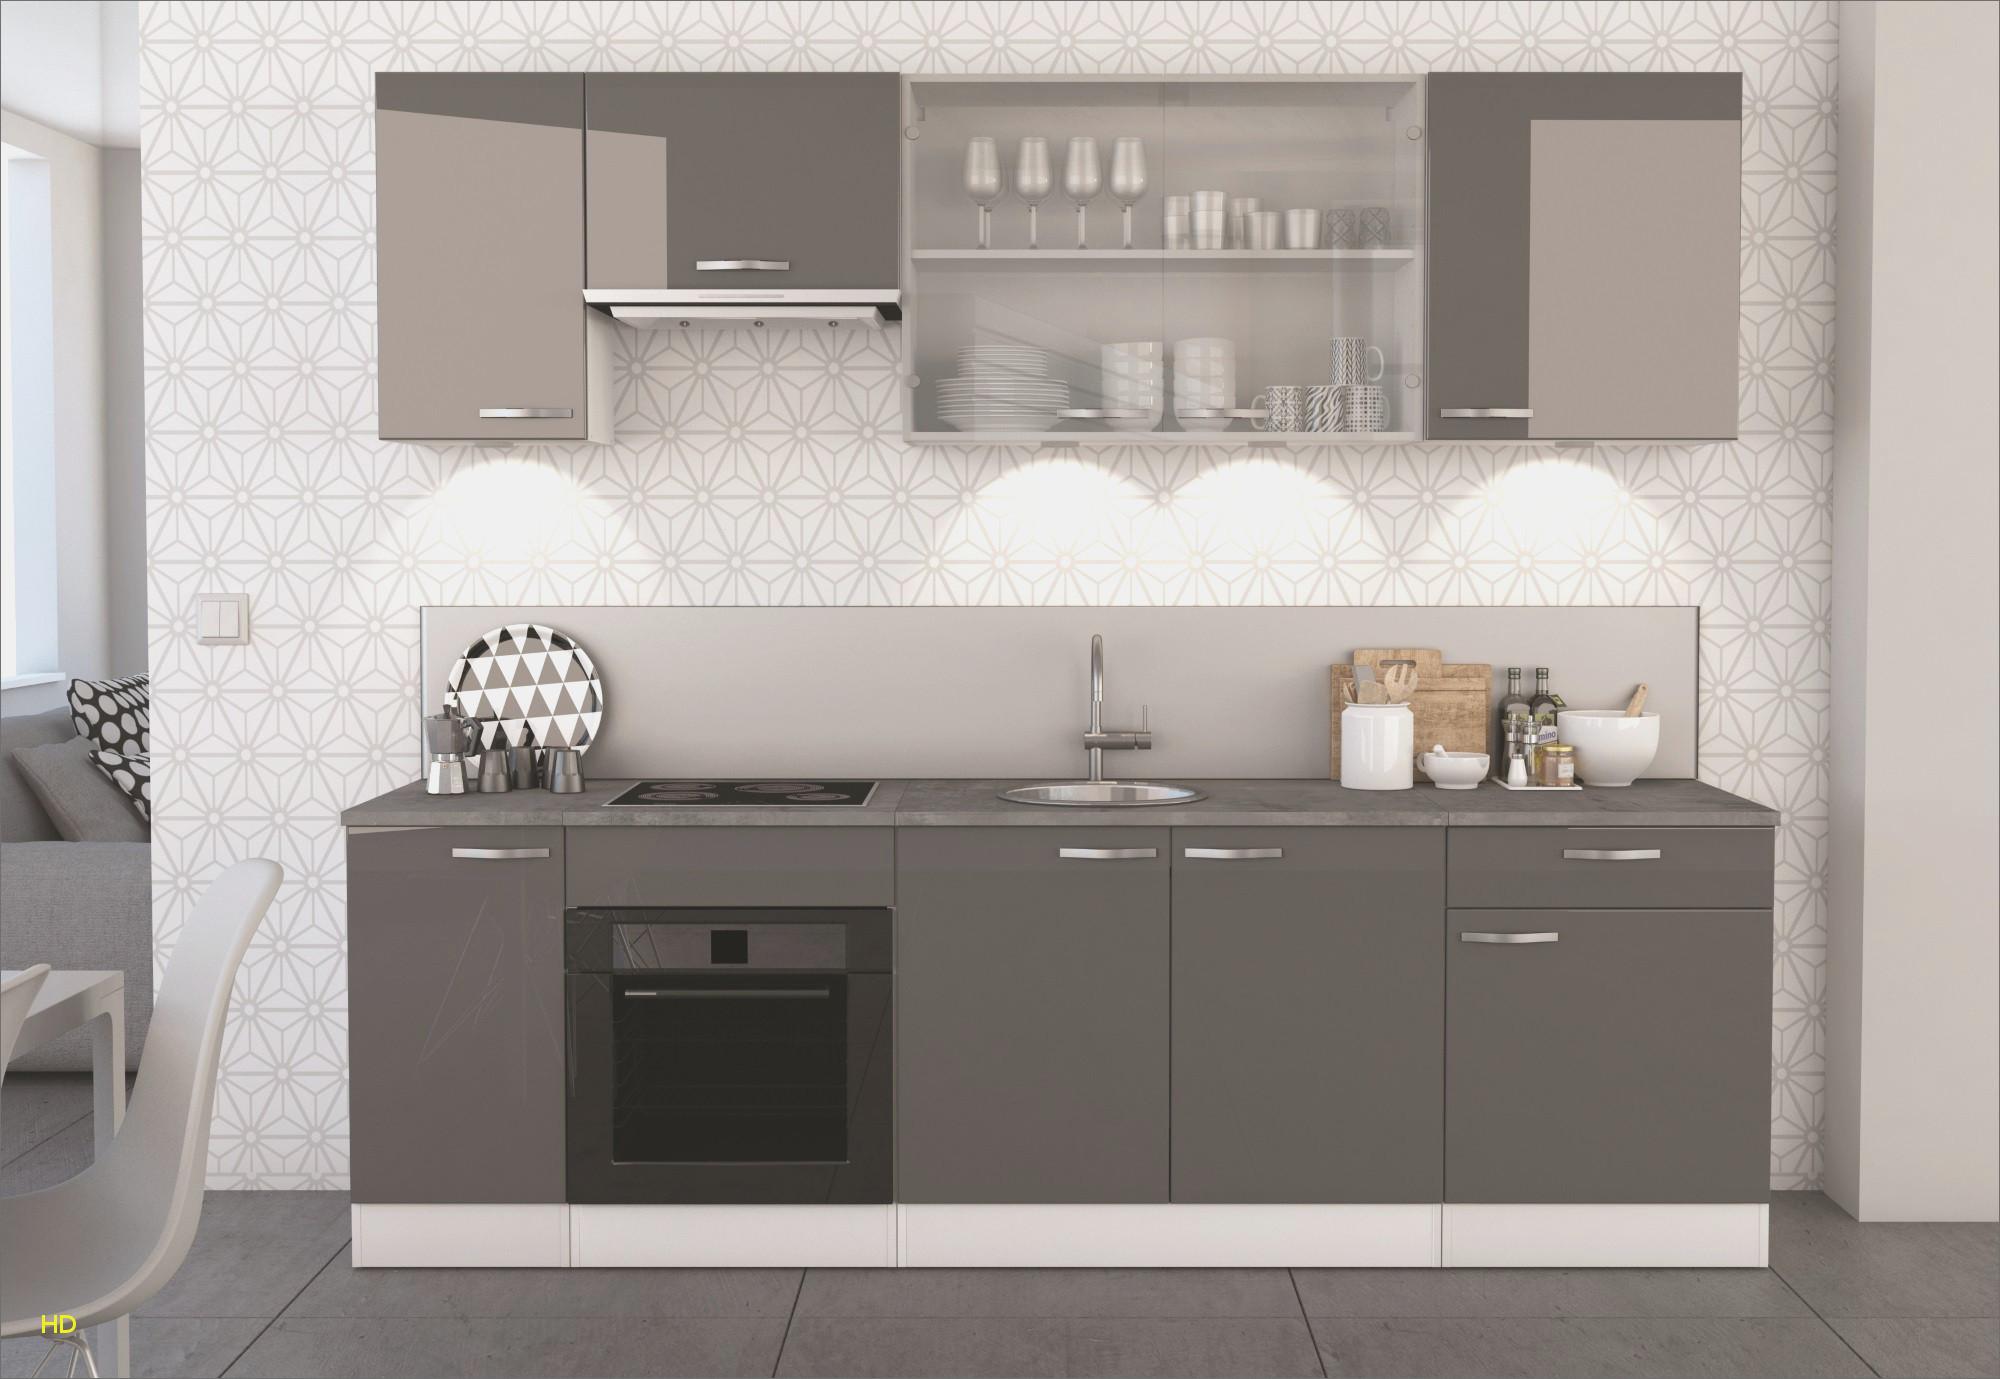 meuble haut cuisine gris mat lille maison. Black Bedroom Furniture Sets. Home Design Ideas